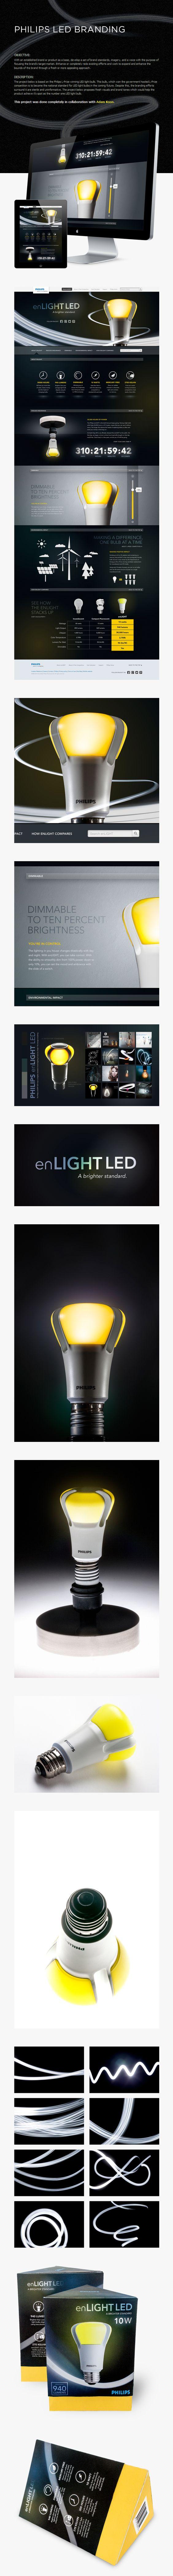 Philips LED Branding